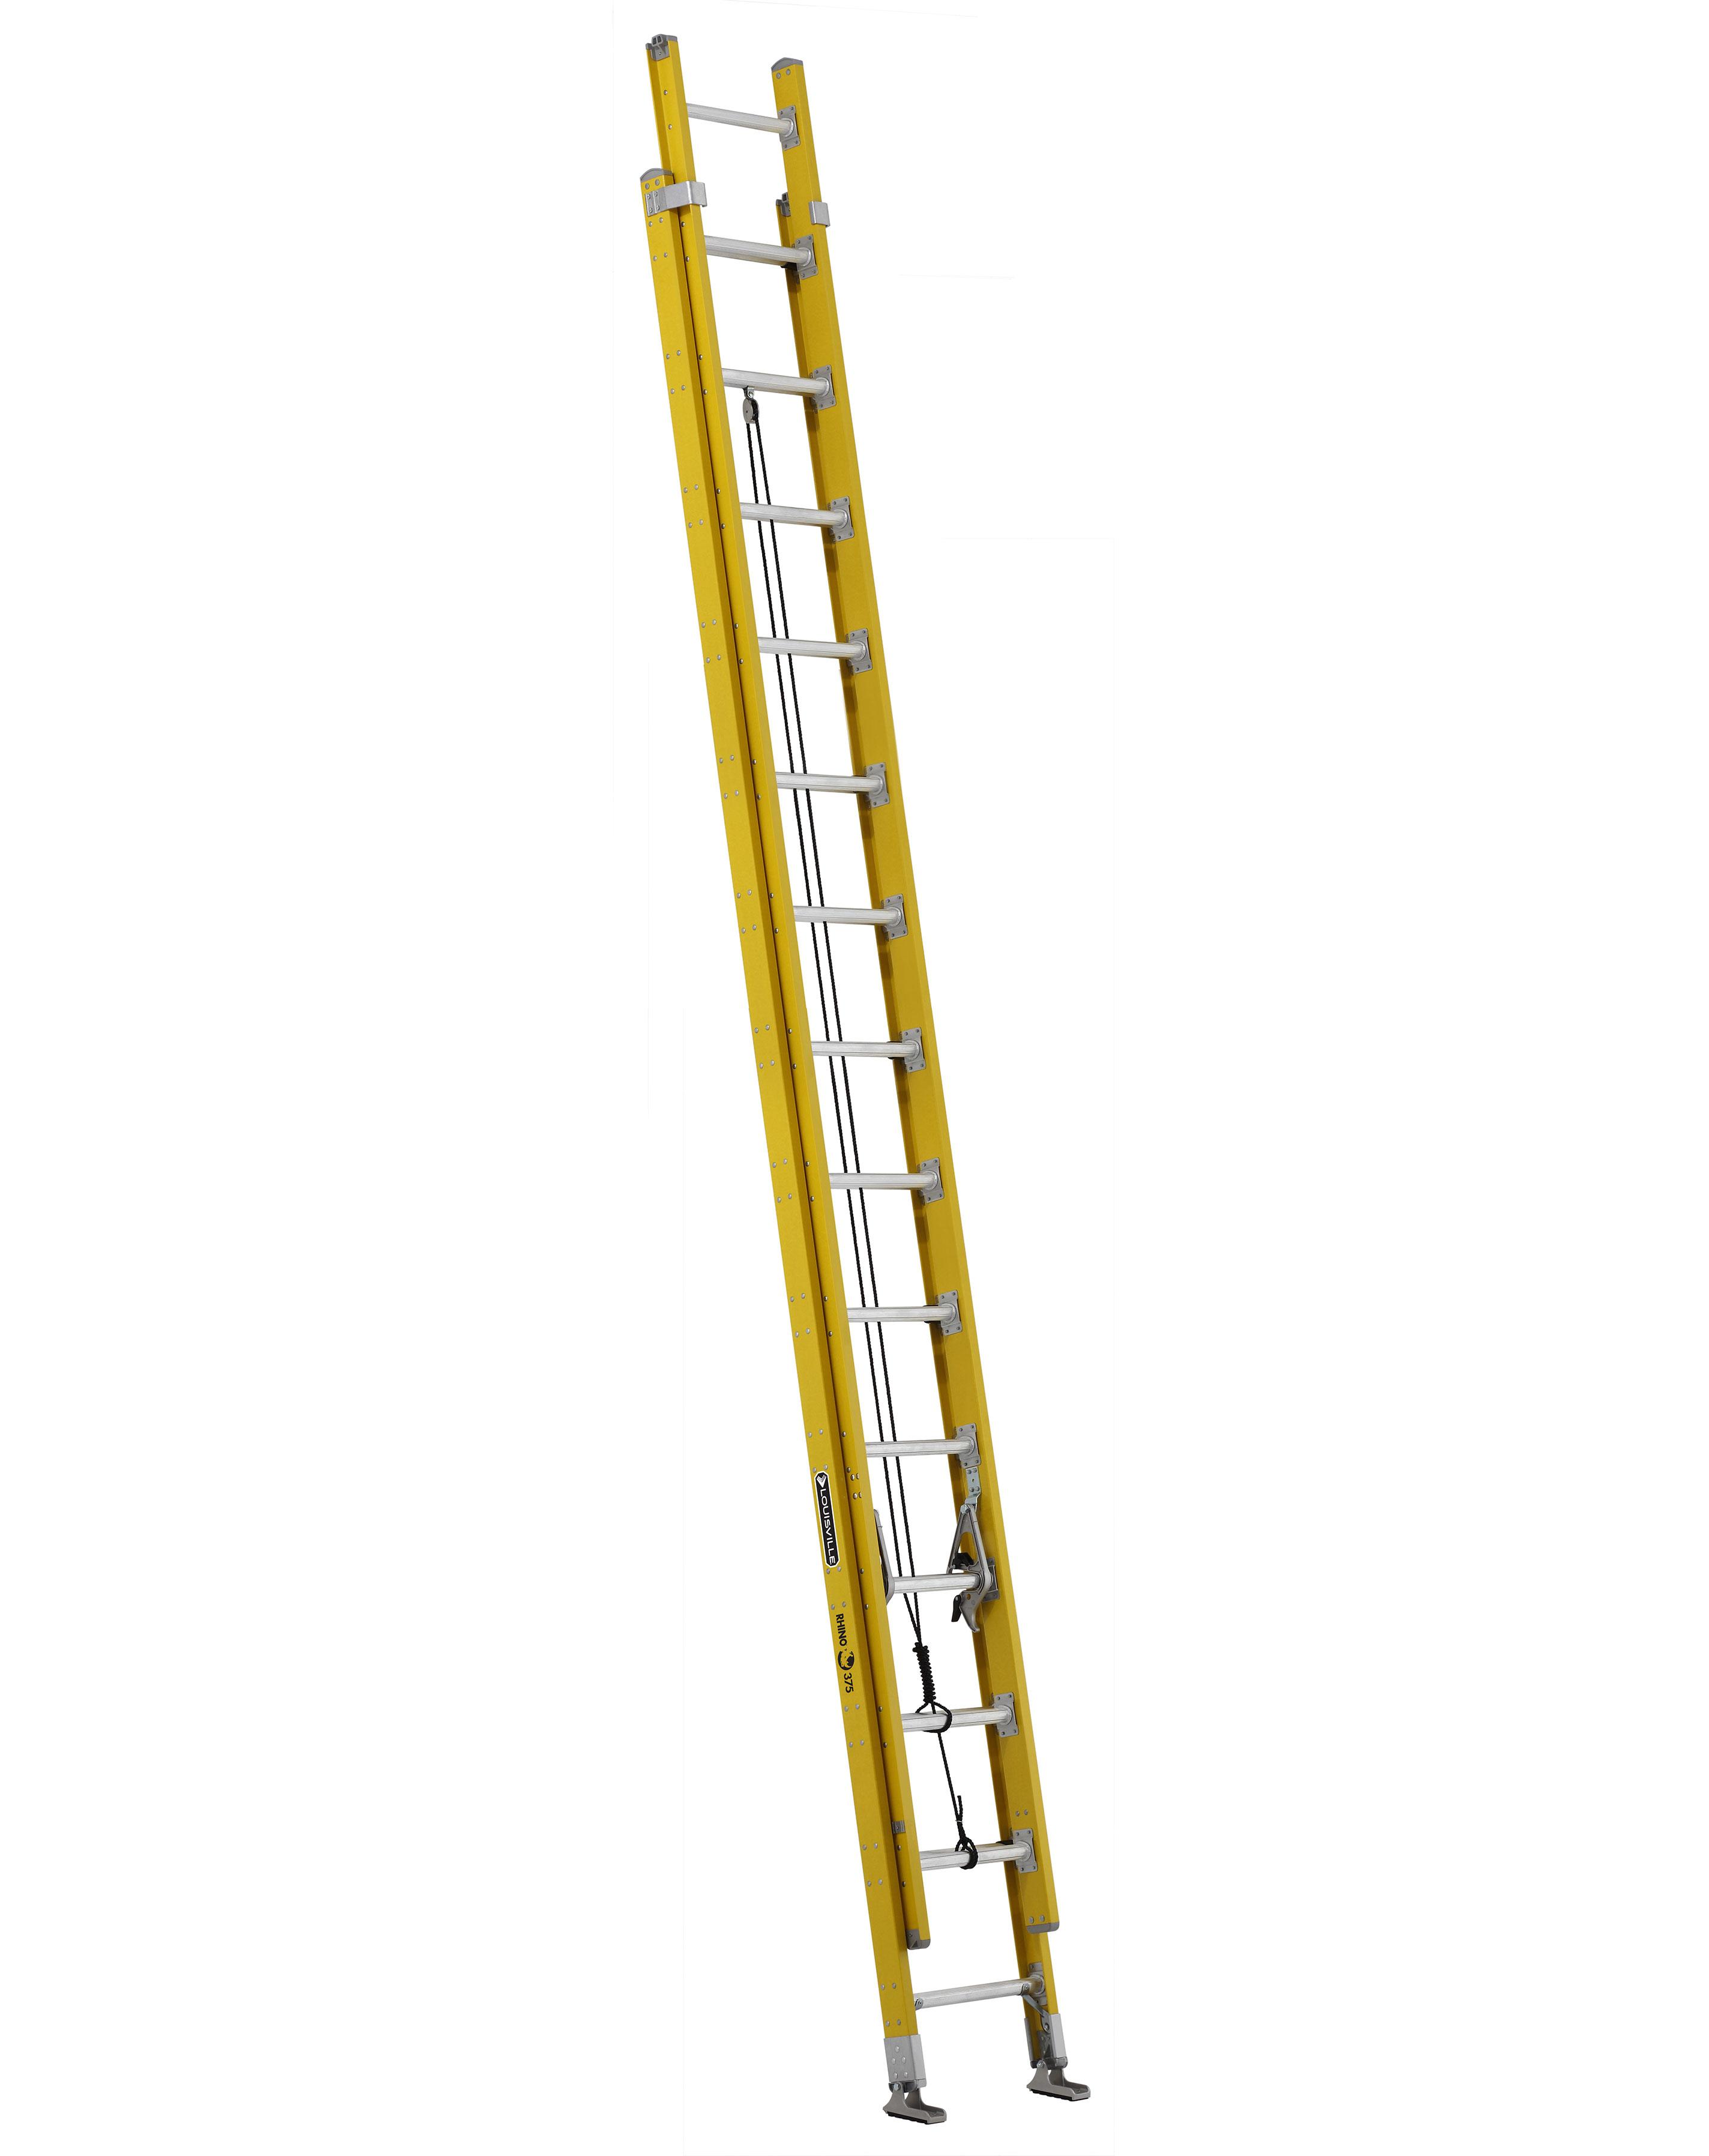 Louisville Ladder FE4228HD 28 Foot 375 lb Duty Rating Fiberglass Extension Ladder